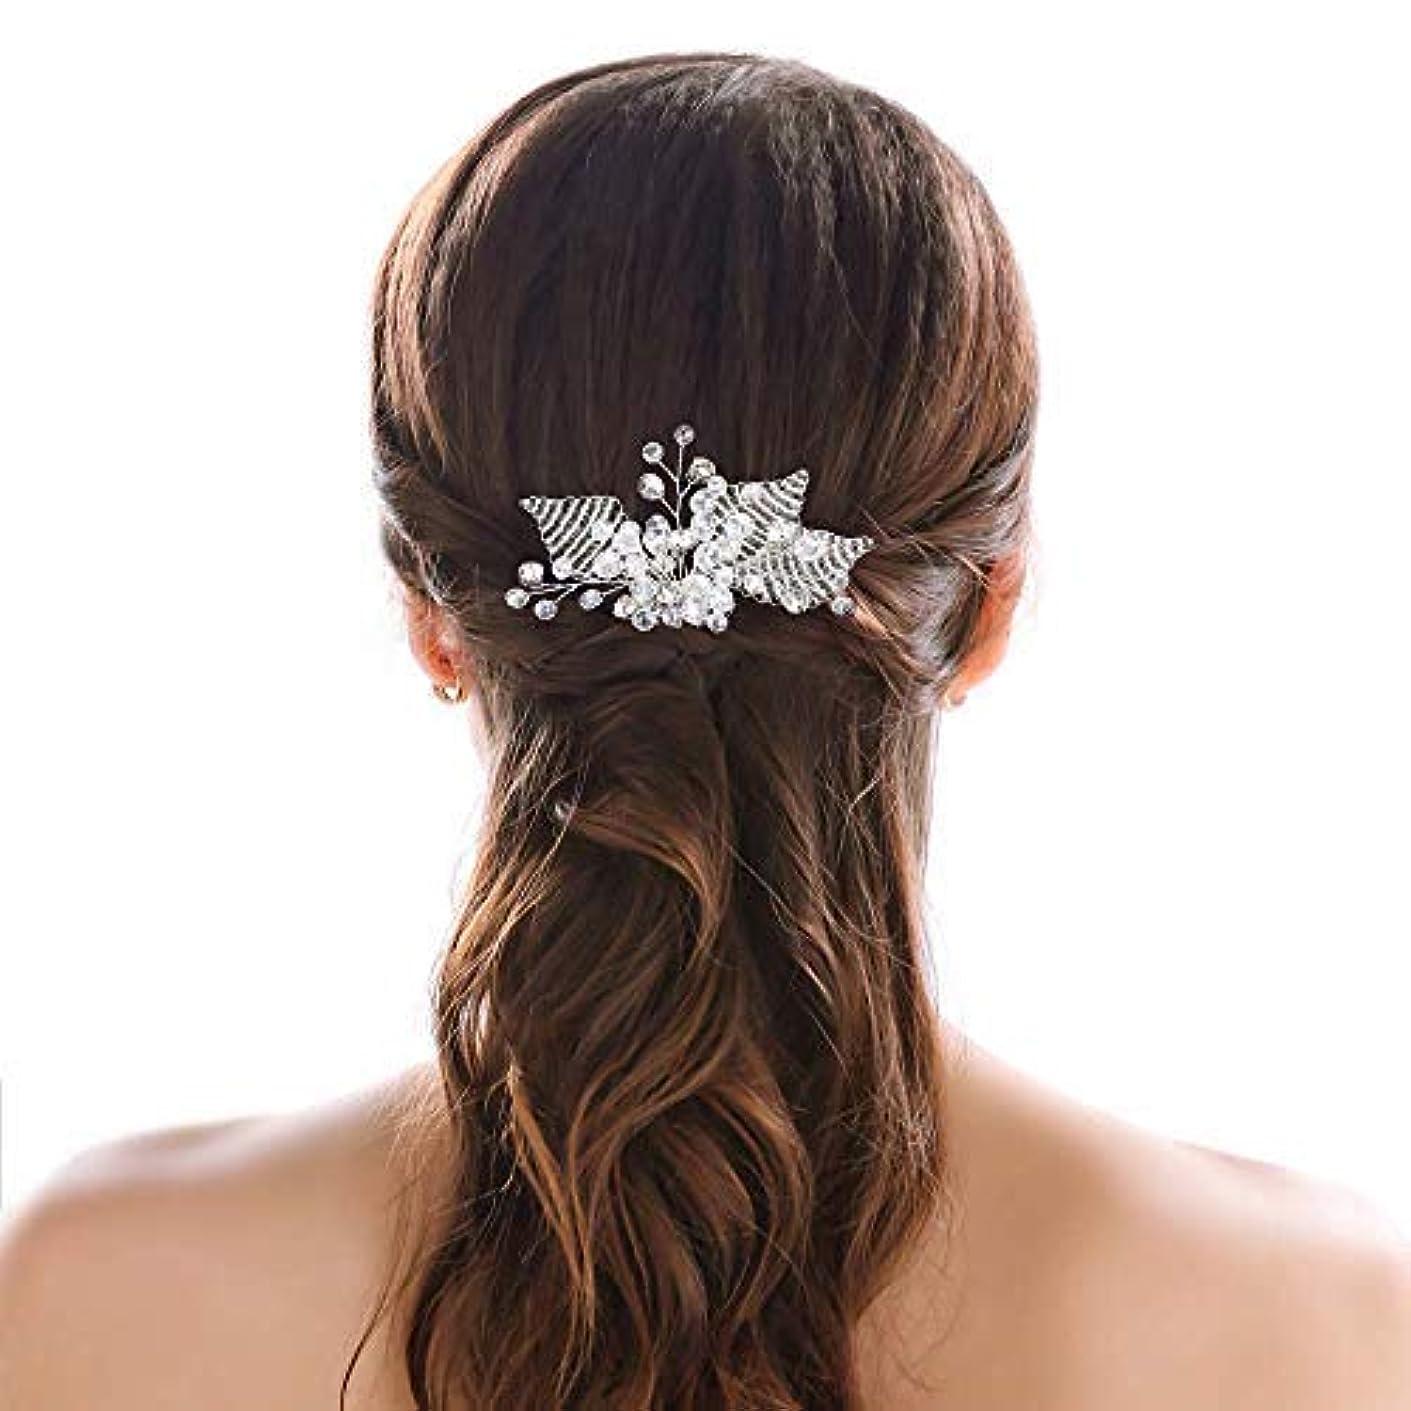 難民ダイバー抑制するJovono Bride Wedding Hair Comb Bridal Headpieces Beaded Rhinestone Hair Accessories for Women and Girls (Silver...